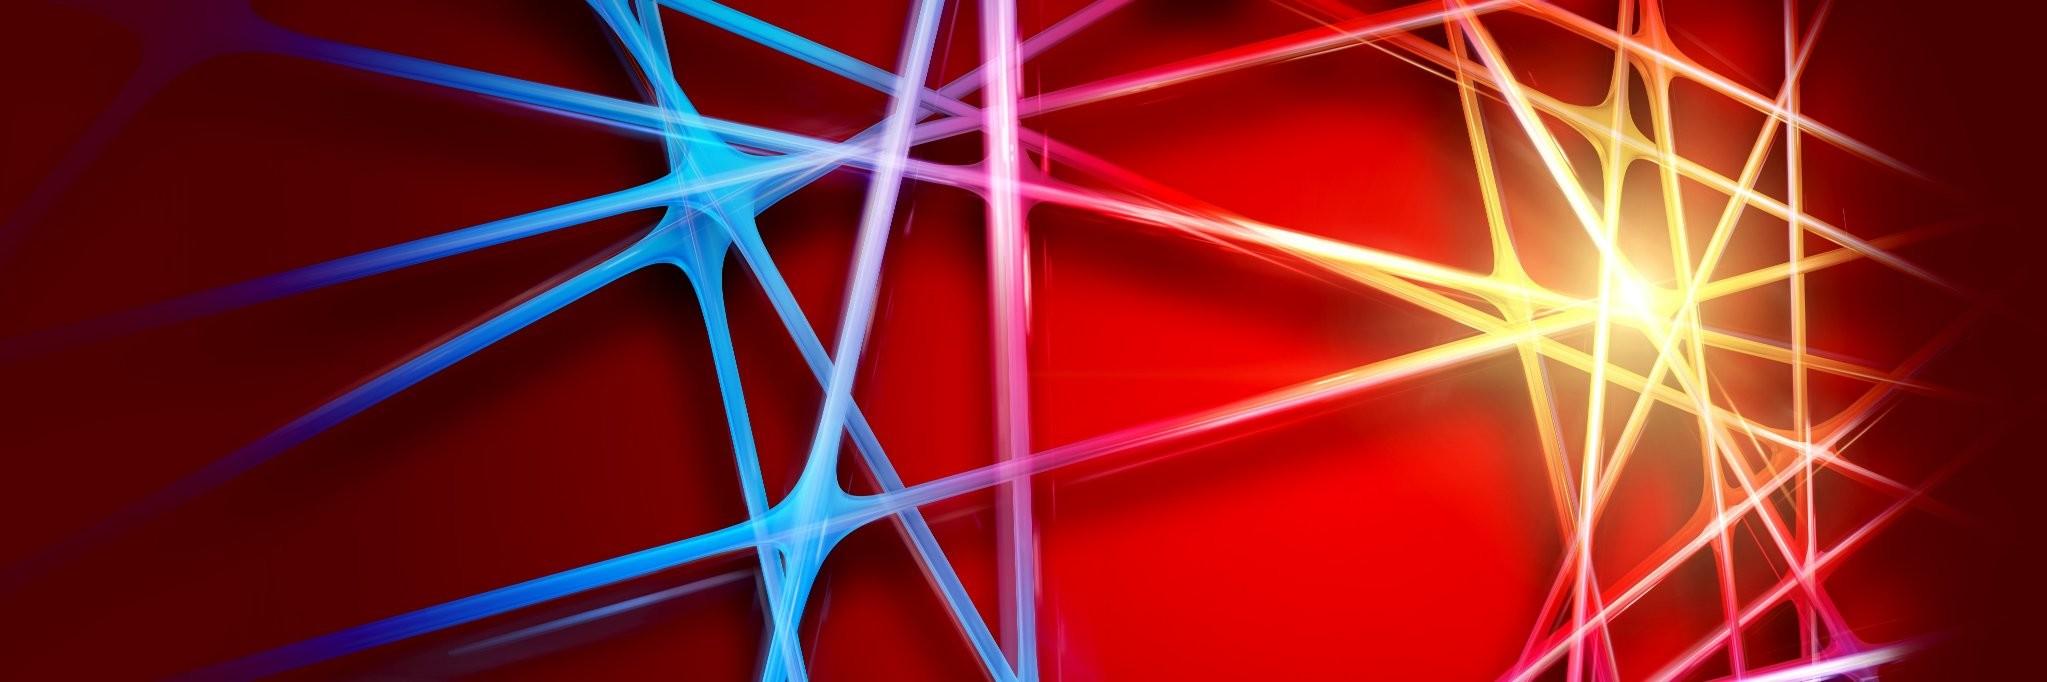 Fujitsu implementeză o nouă rețea în bandă largă